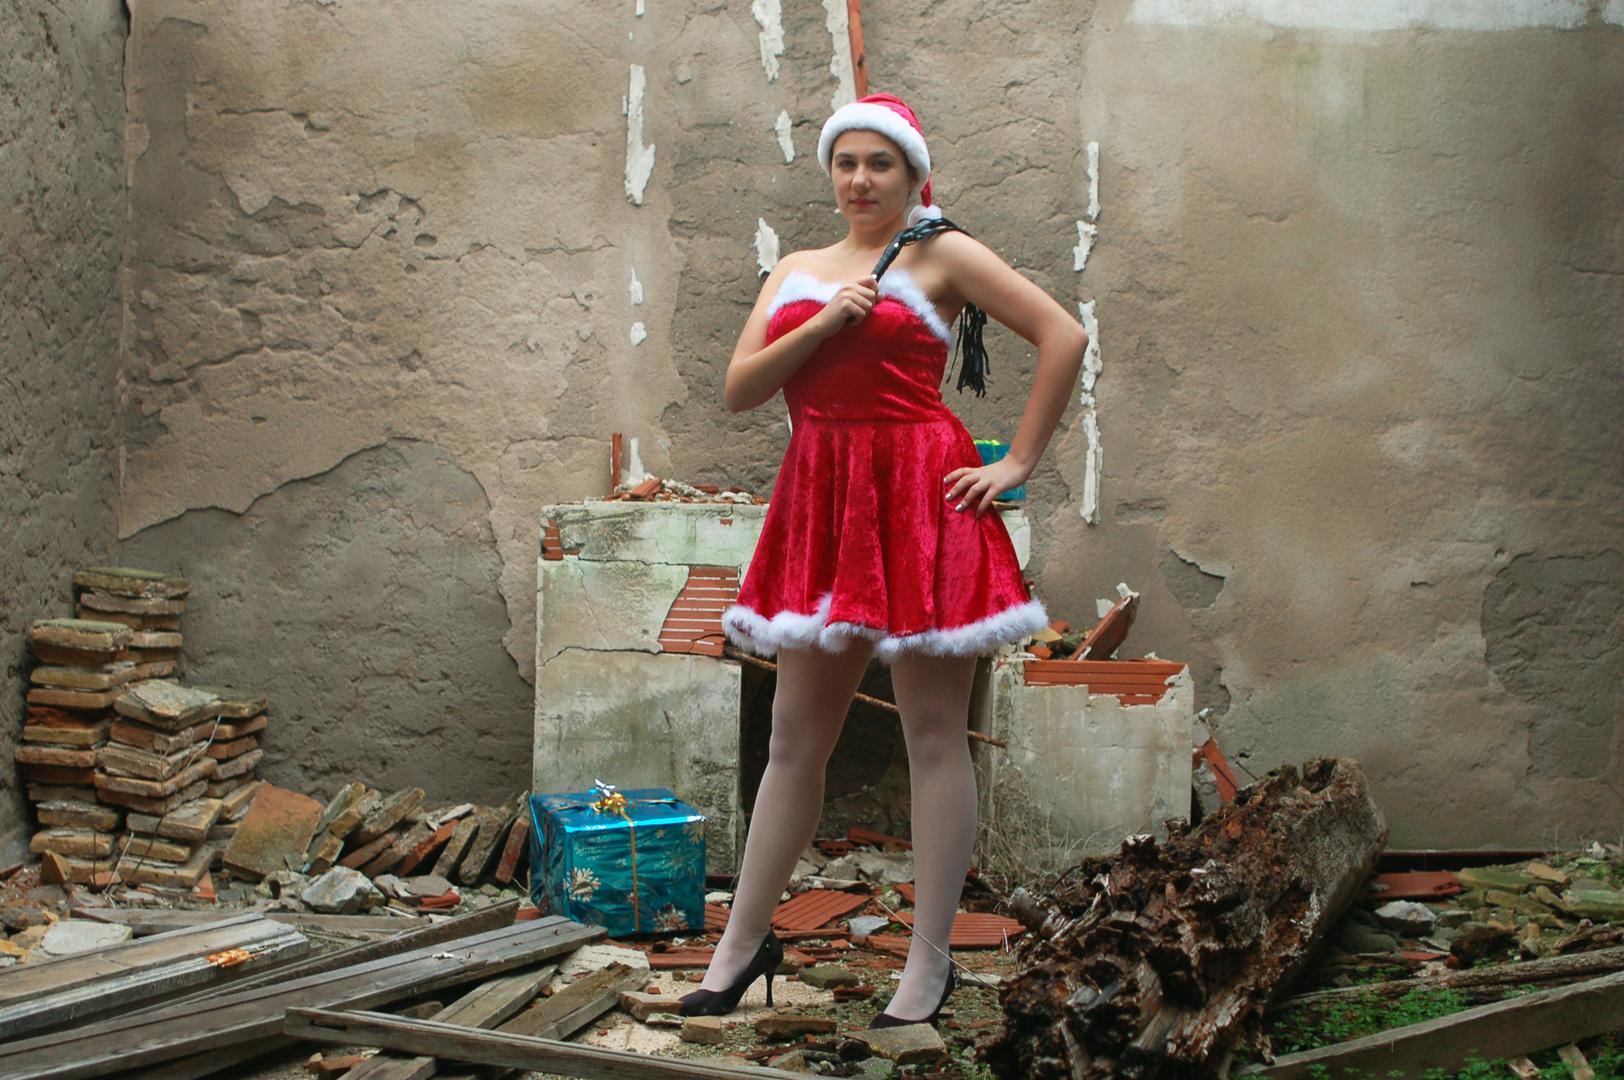 Mère Noël ou Mère Fouettard ... A vous de choisir !